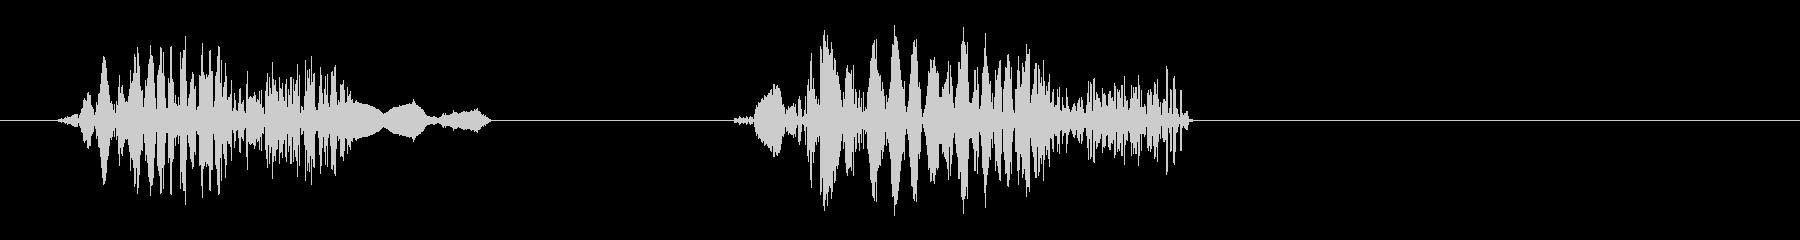 ギュギュ(短めの音)の未再生の波形